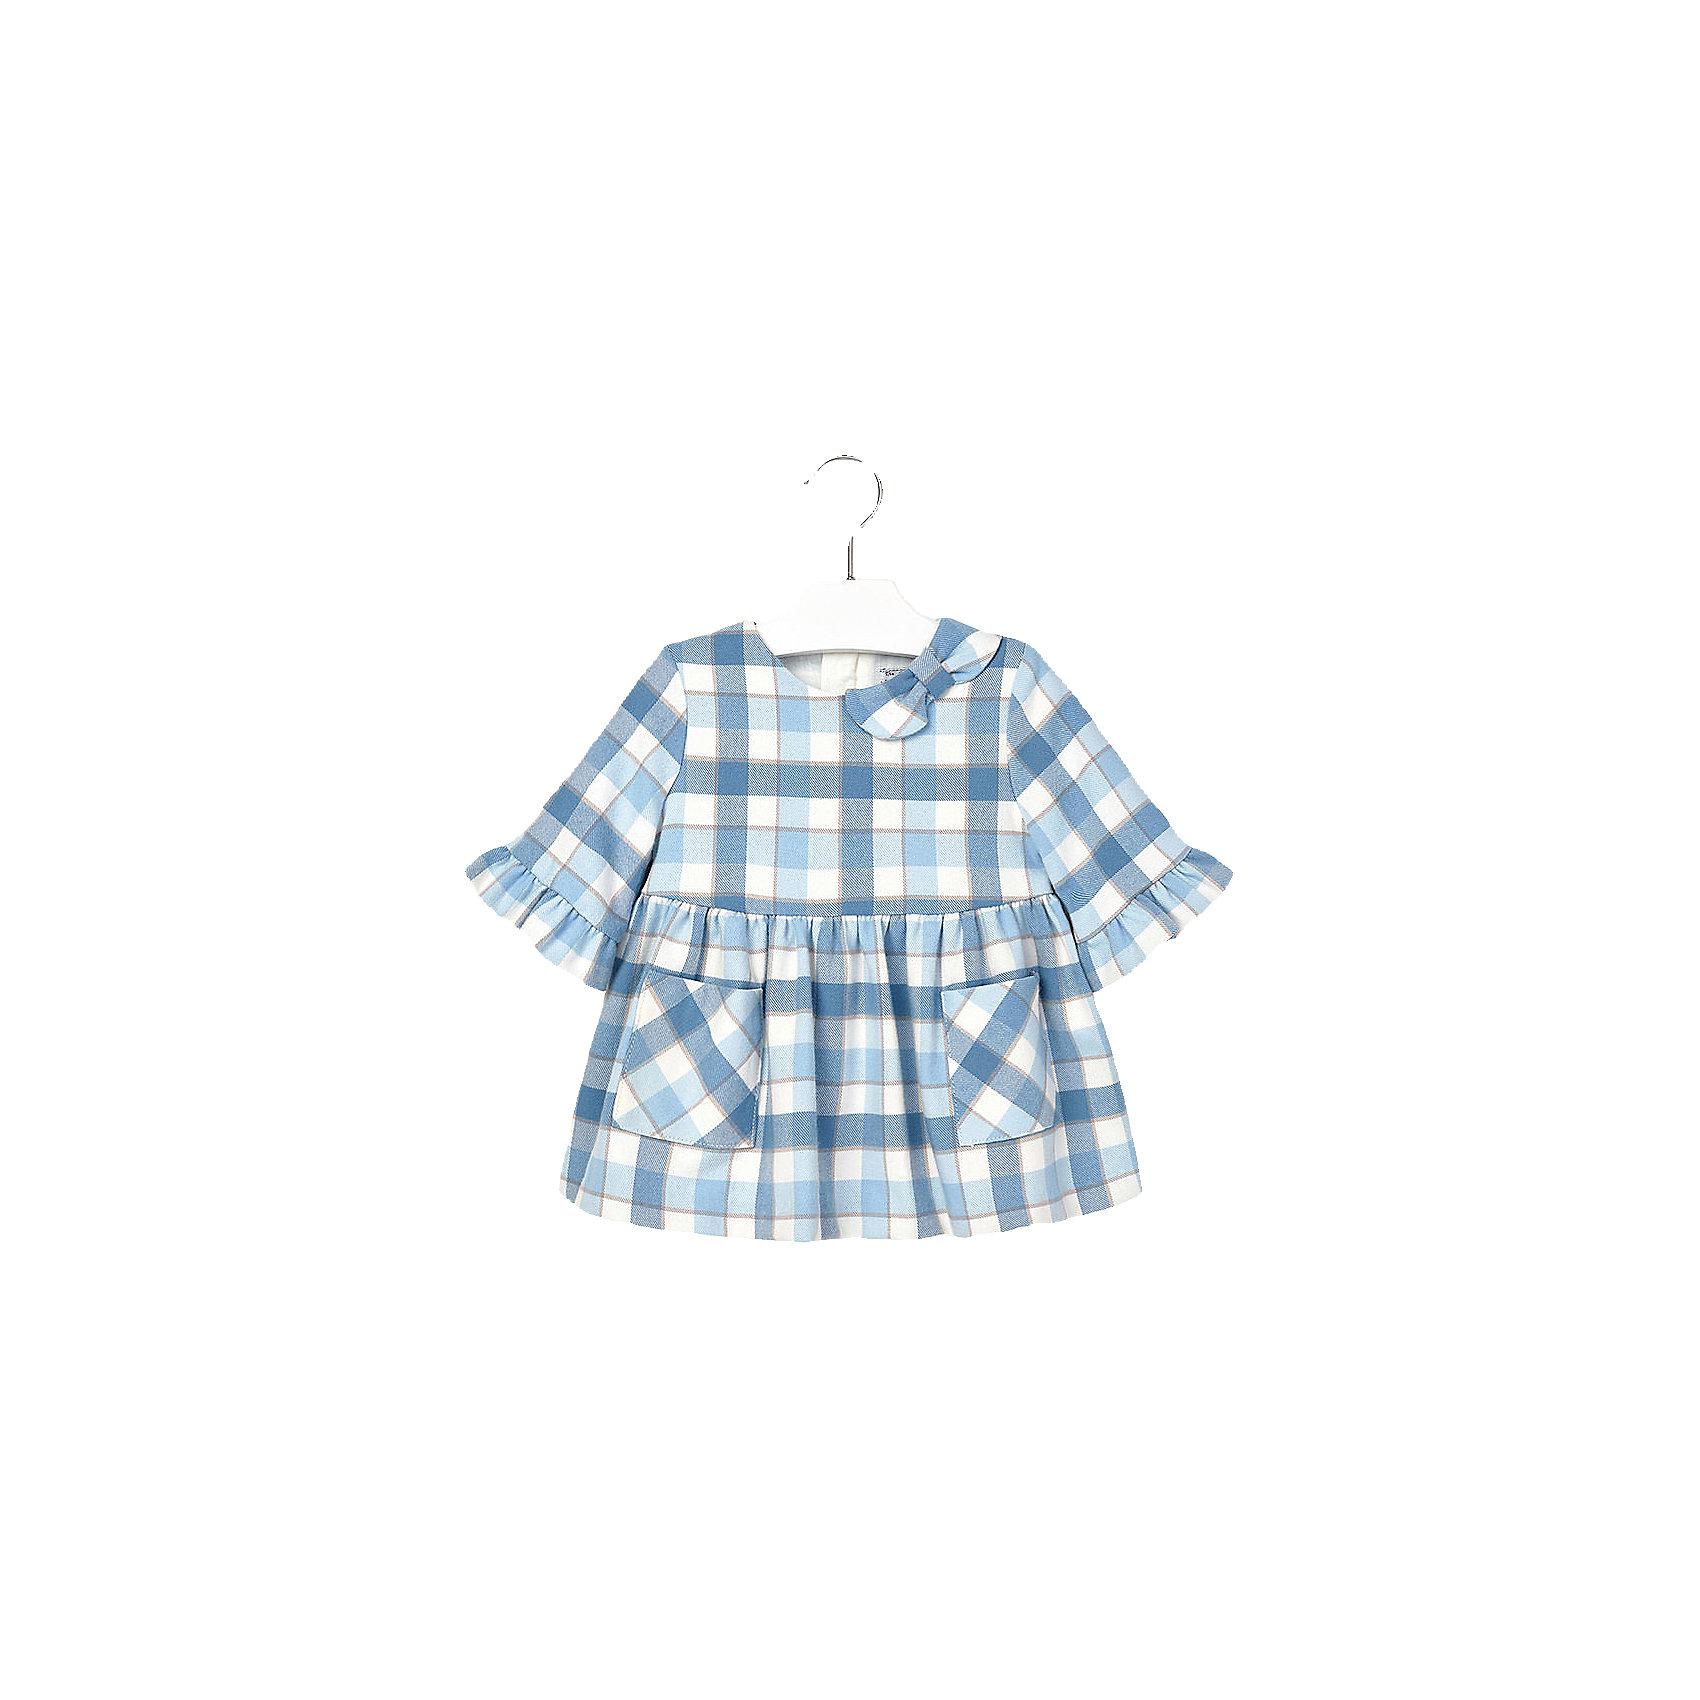 Платье для девочки MayoralОчаровательно клетчатое платье займет достойное место в гардеробе юной модницы. Модель декорирована кокетливым бантиком на плече и оборками на рукавах, имеет пышную юбку со складками, дополнена двумя накладными карманами спереди. Прекрасный вариант для любого случая! <br><br>Дополнительная информация:<br><br>- Длинный рукав .<br>- Округлый вырез горловины. <br>- Клетчатый принт.<br>- Кокетливый бантик на плече.<br>- 2 кармана. <br>- Застегивается на потайную молнию на спине.<br>Состав:<br>- верх - 66% полиэстер, 32% вискоза, 2% эластан; подкладка - 50% хлопок, 50% полиэстер. <br><br>Платье для девочки Mayoral (Майорал) можно купить в нашем магазине.<br><br>Ширина мм: 236<br>Глубина мм: 16<br>Высота мм: 184<br>Вес г: 177<br>Цвет: синий<br>Возраст от месяцев: 6<br>Возраст до месяцев: 9<br>Пол: Женский<br>Возраст: Детский<br>Размер: 74,92,80,86<br>SKU: 4846372